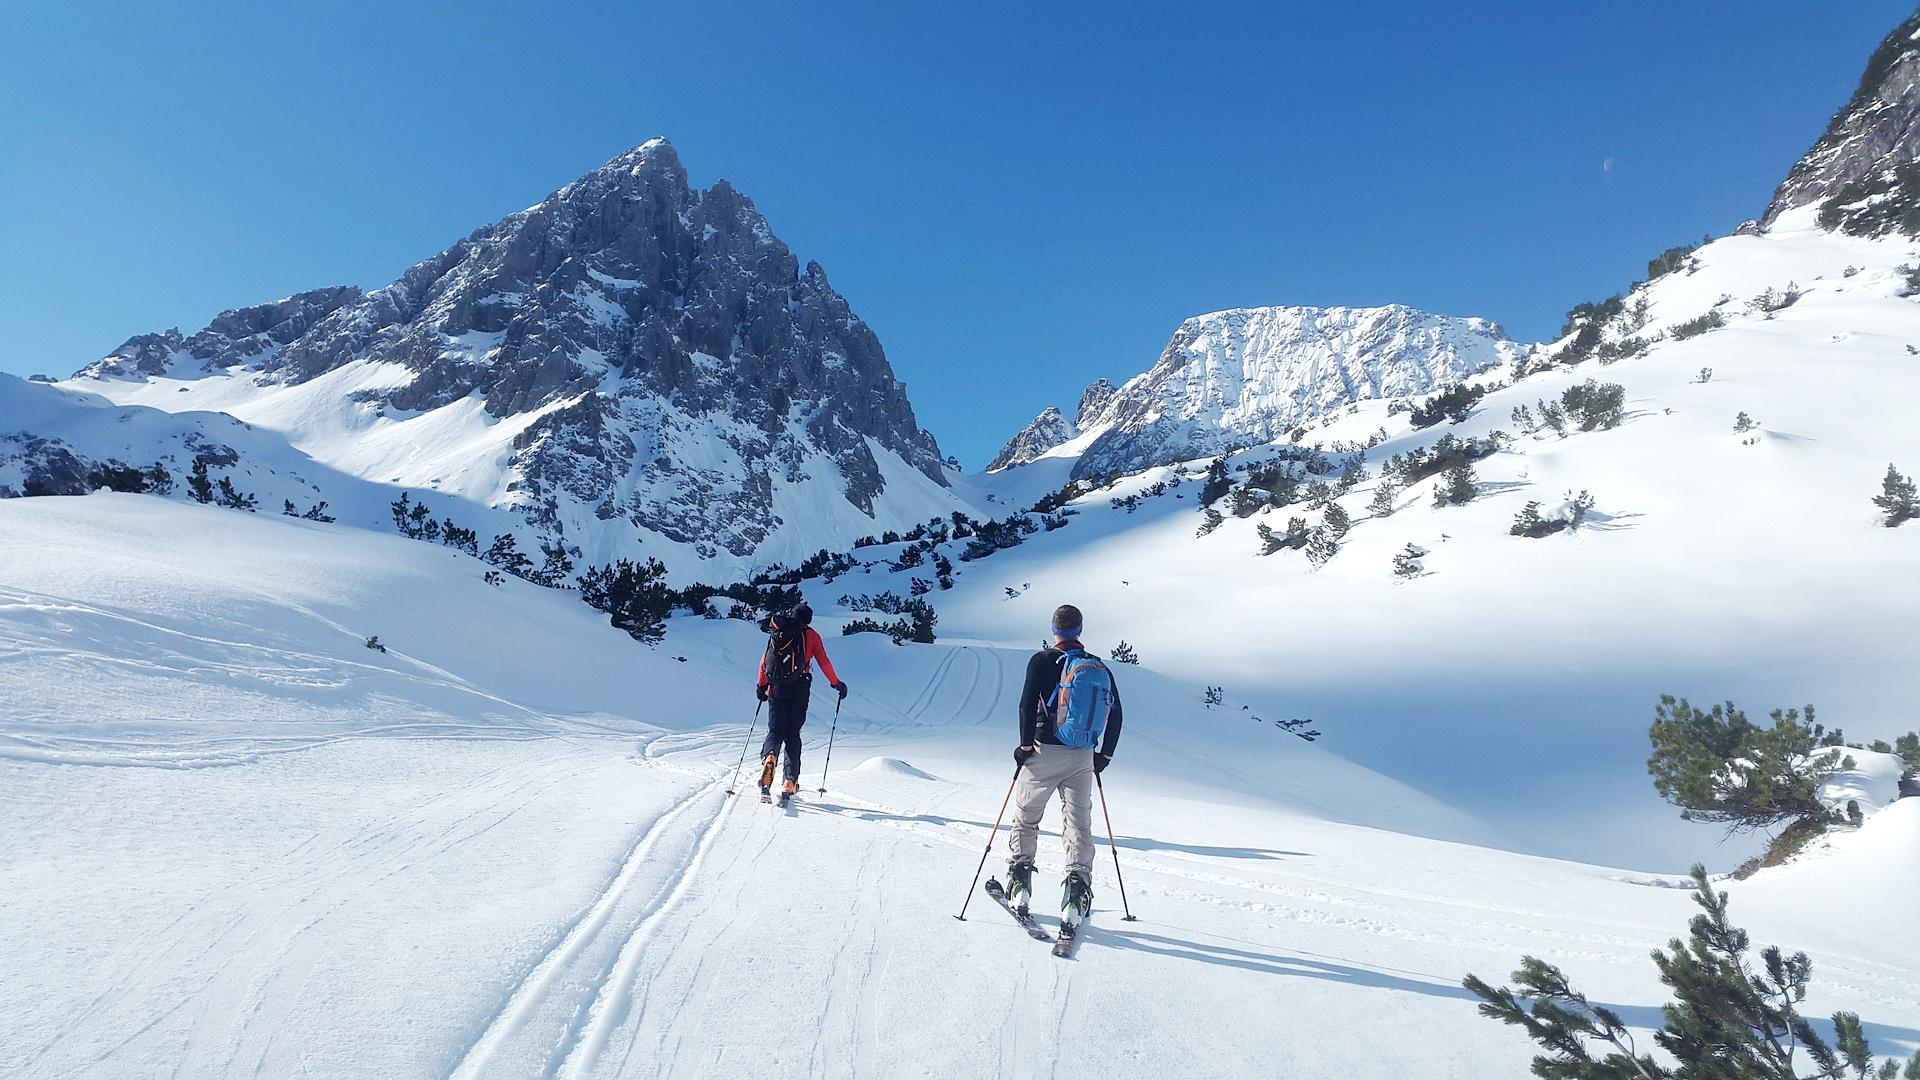 backcountry-skiiing-1363750_1920